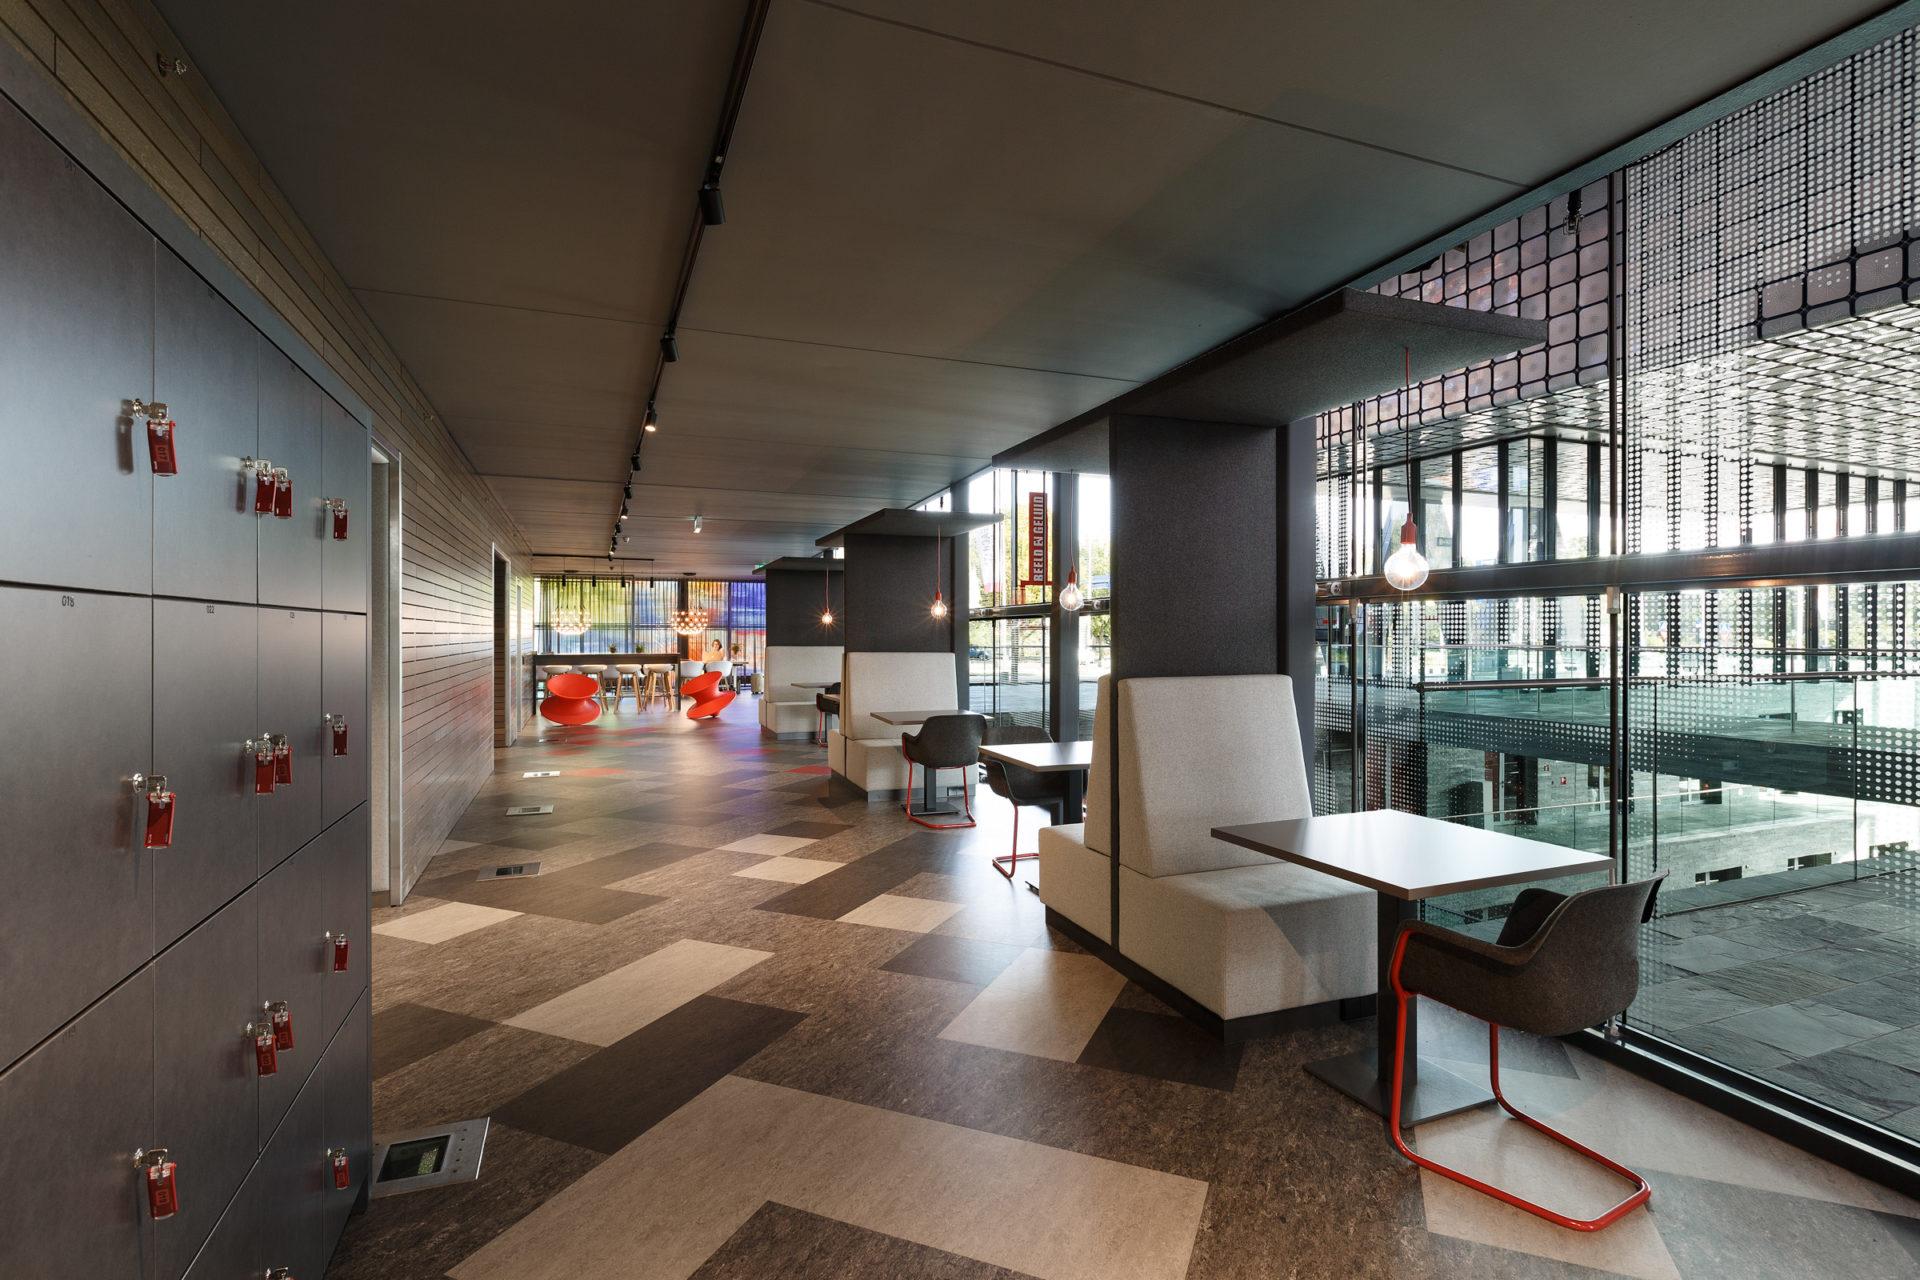 Topperprojecten - Nederlands Instituut voor Beeld en Geluid 23